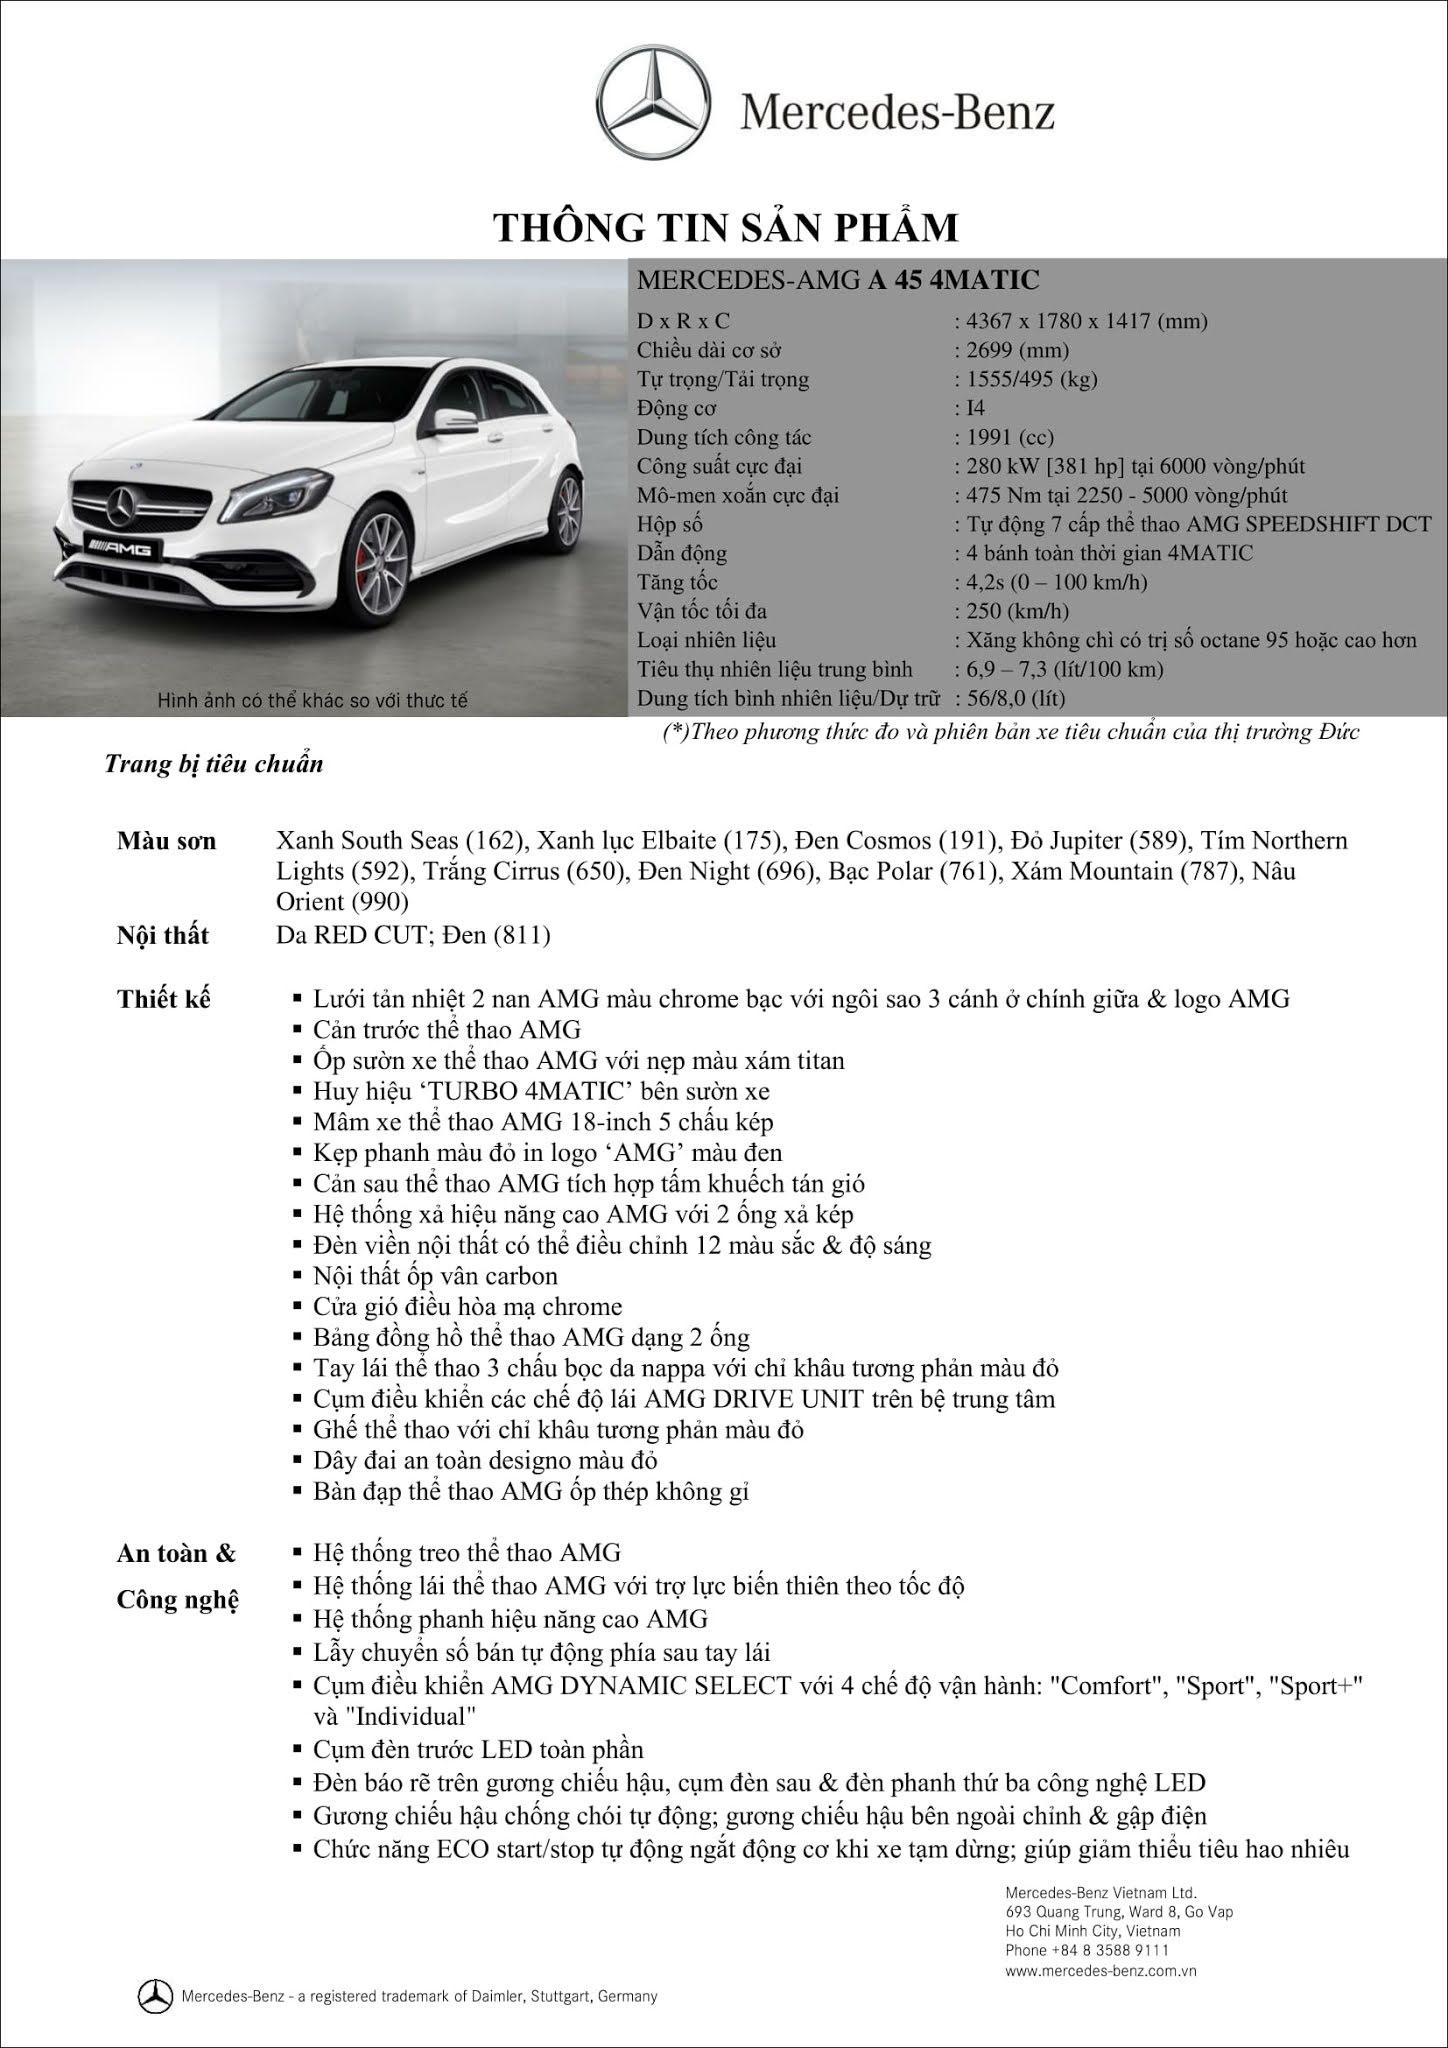 Cập nhật Bảng thông số kỹ thuật Mercedes AMG A45 4MATIC 2019 mới nhất